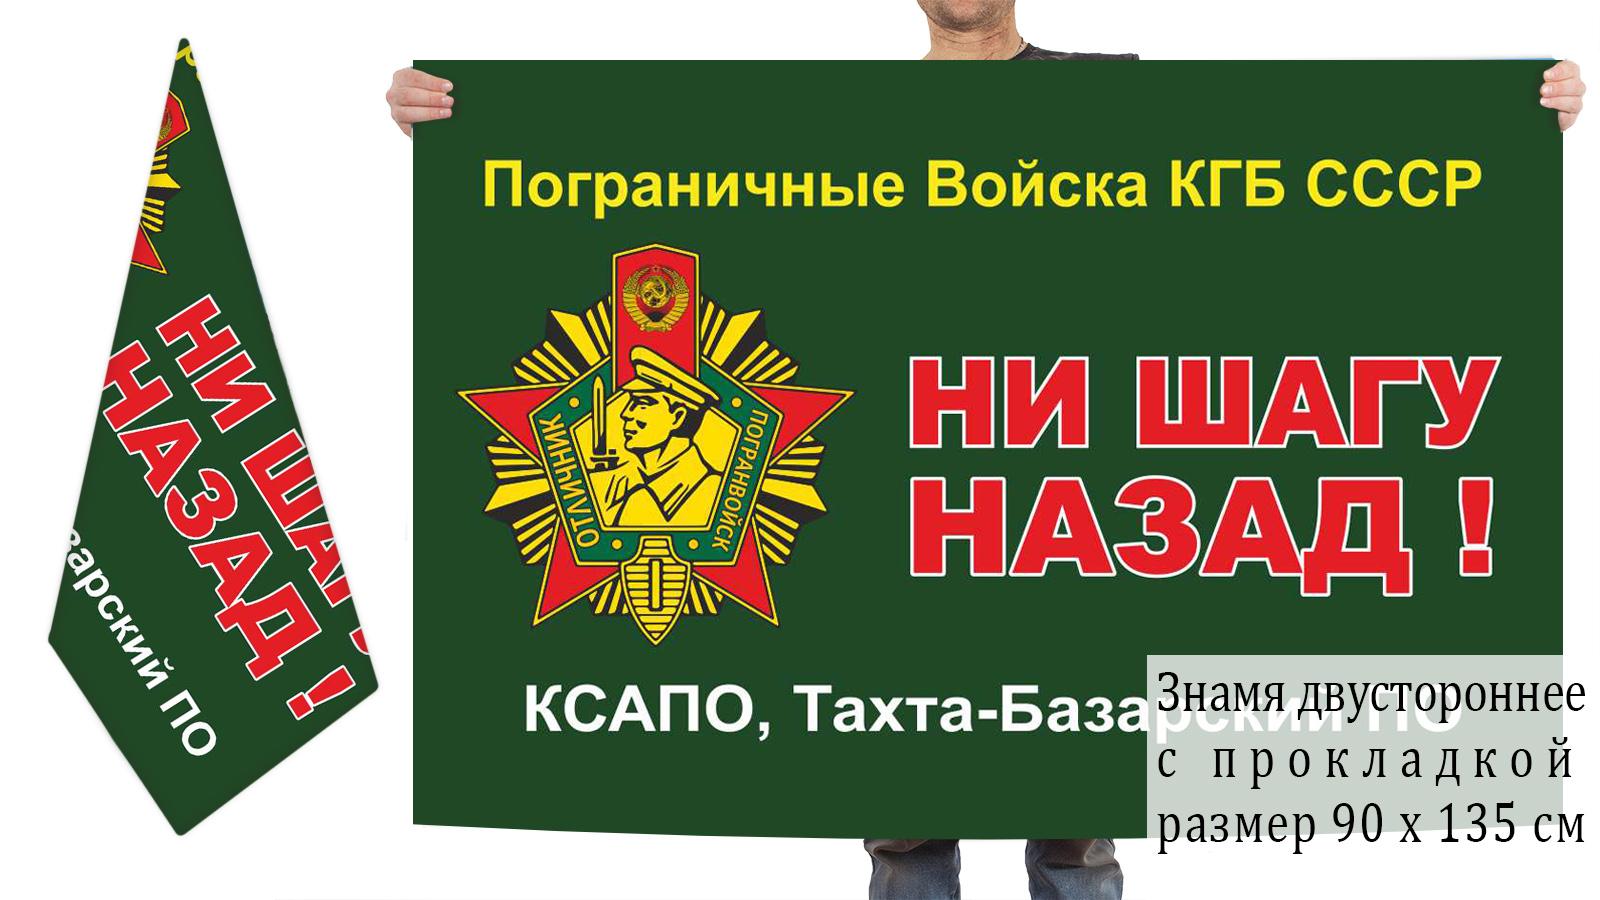 """Двусторонний флаг 68 погранотряда """"Ни шагу назад!"""""""